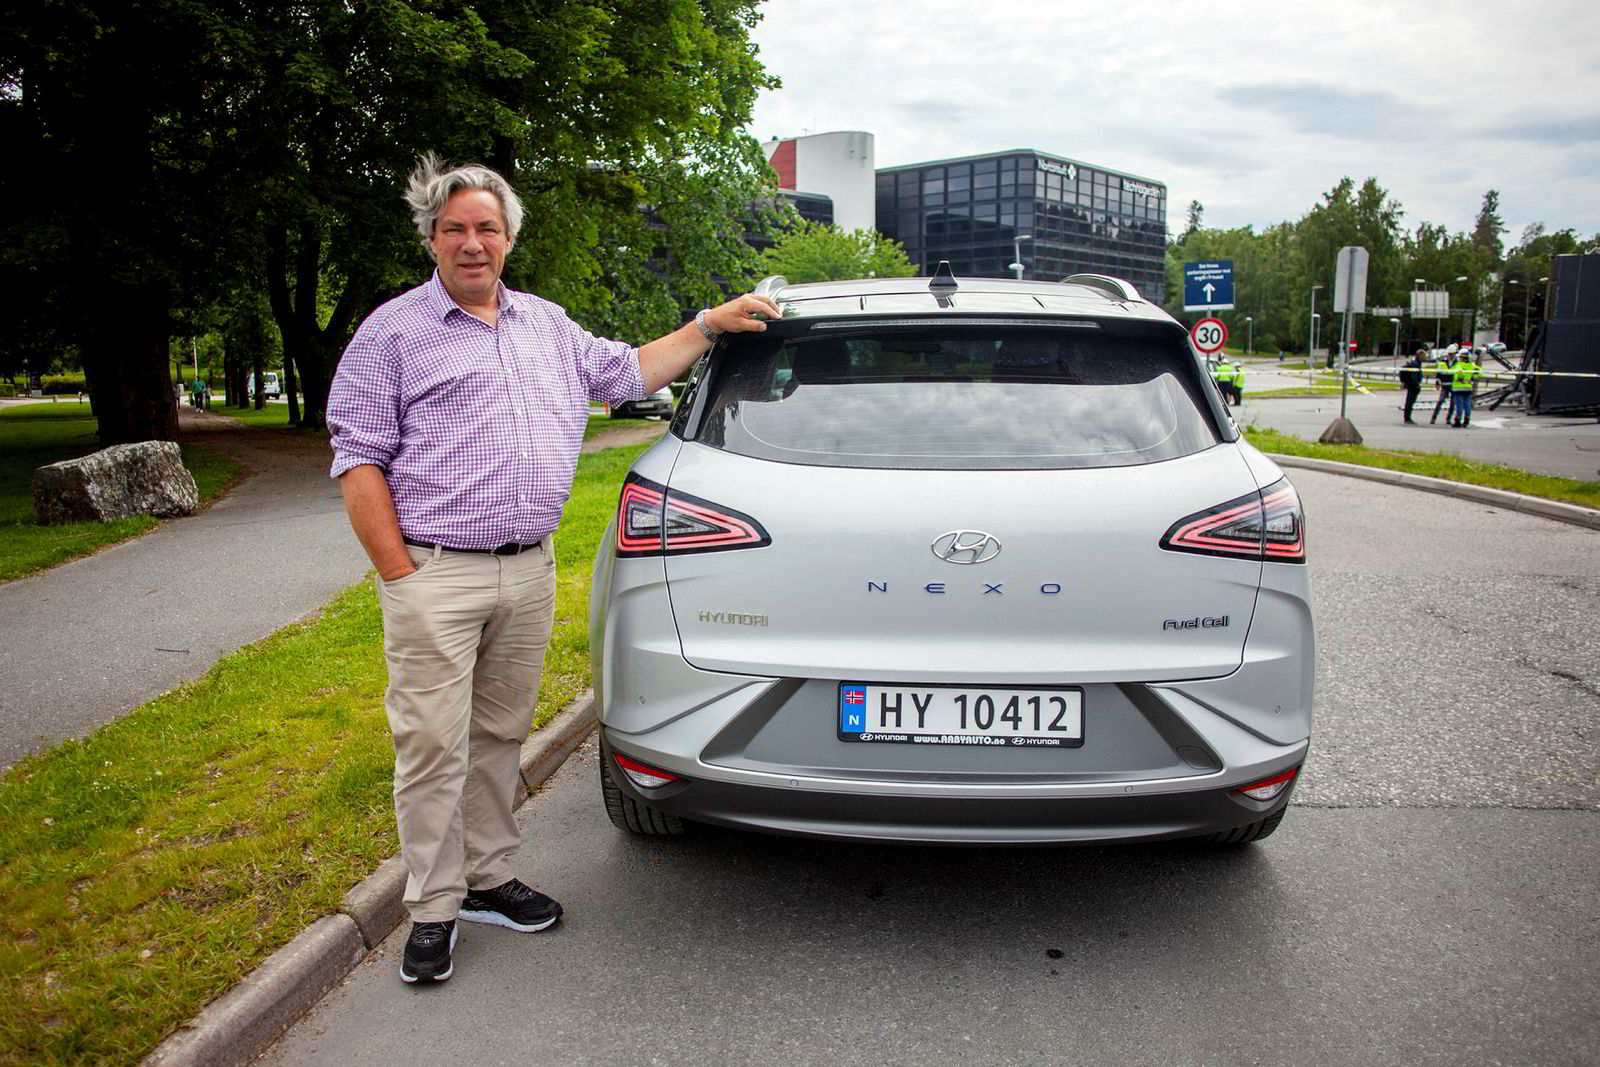 Huyndai Nexo har en rekkevidde på opptil 700 kilometer. Men dersom hydrogenstasjonene forblir stengt må Ulf Hafseld parkere bilen.